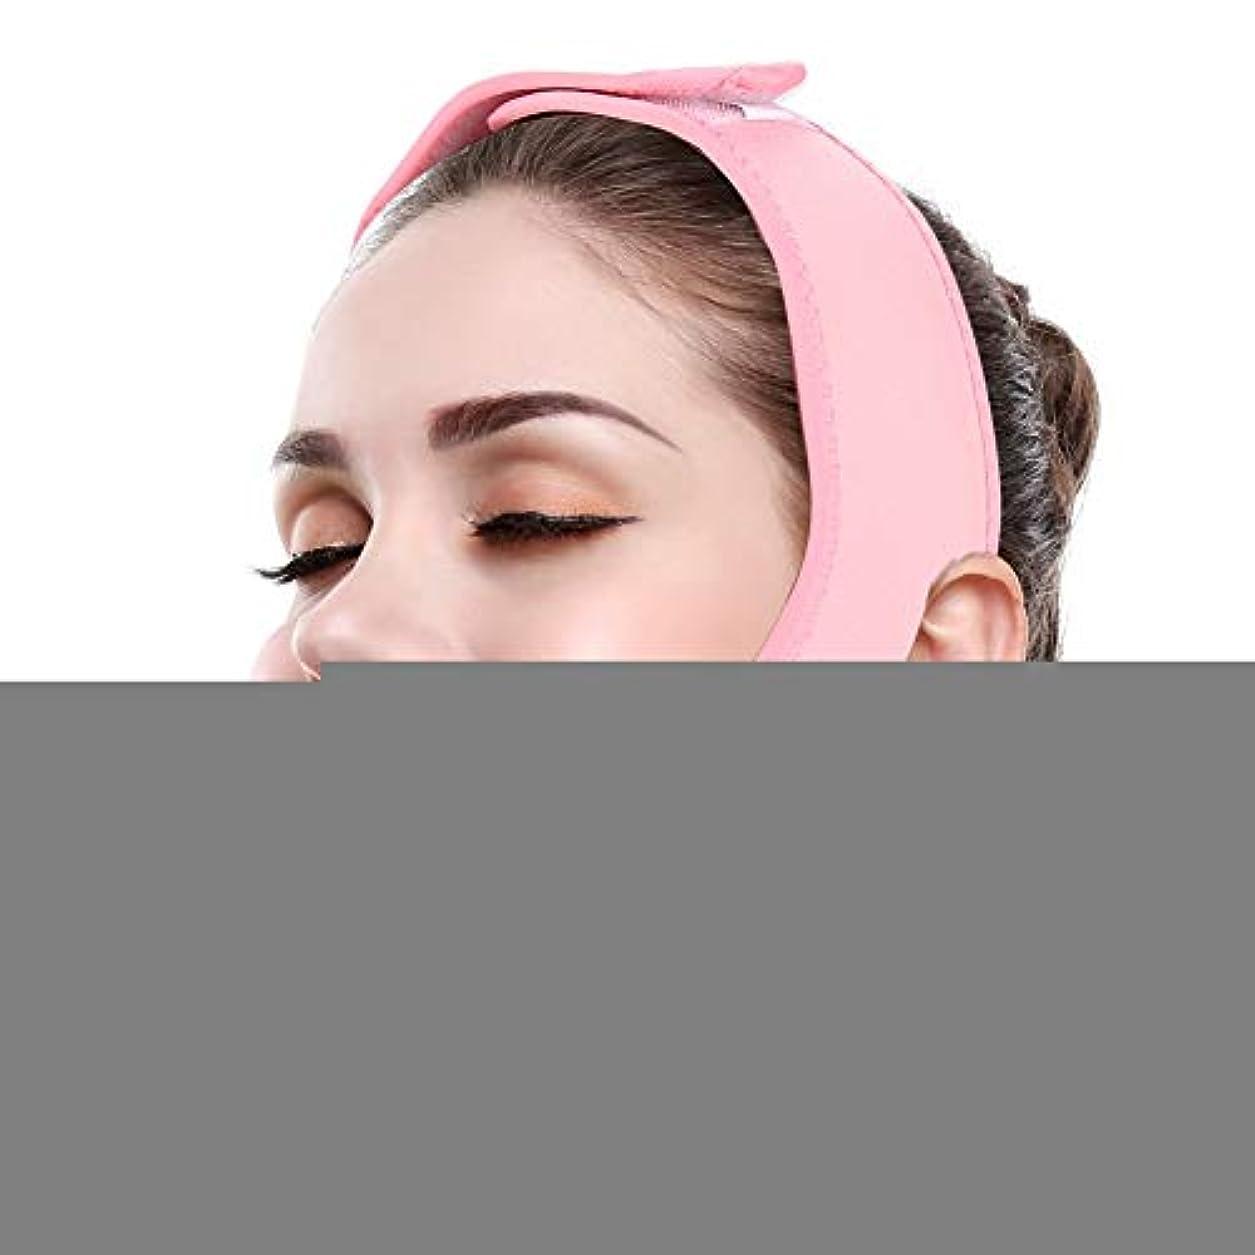 活力ヘビー作り上げる顔痩身マッサージベルト、vラインマスクネック圧縮二重あごストラップ減量ベルトスキンケアあごリフティング引き締めラップ